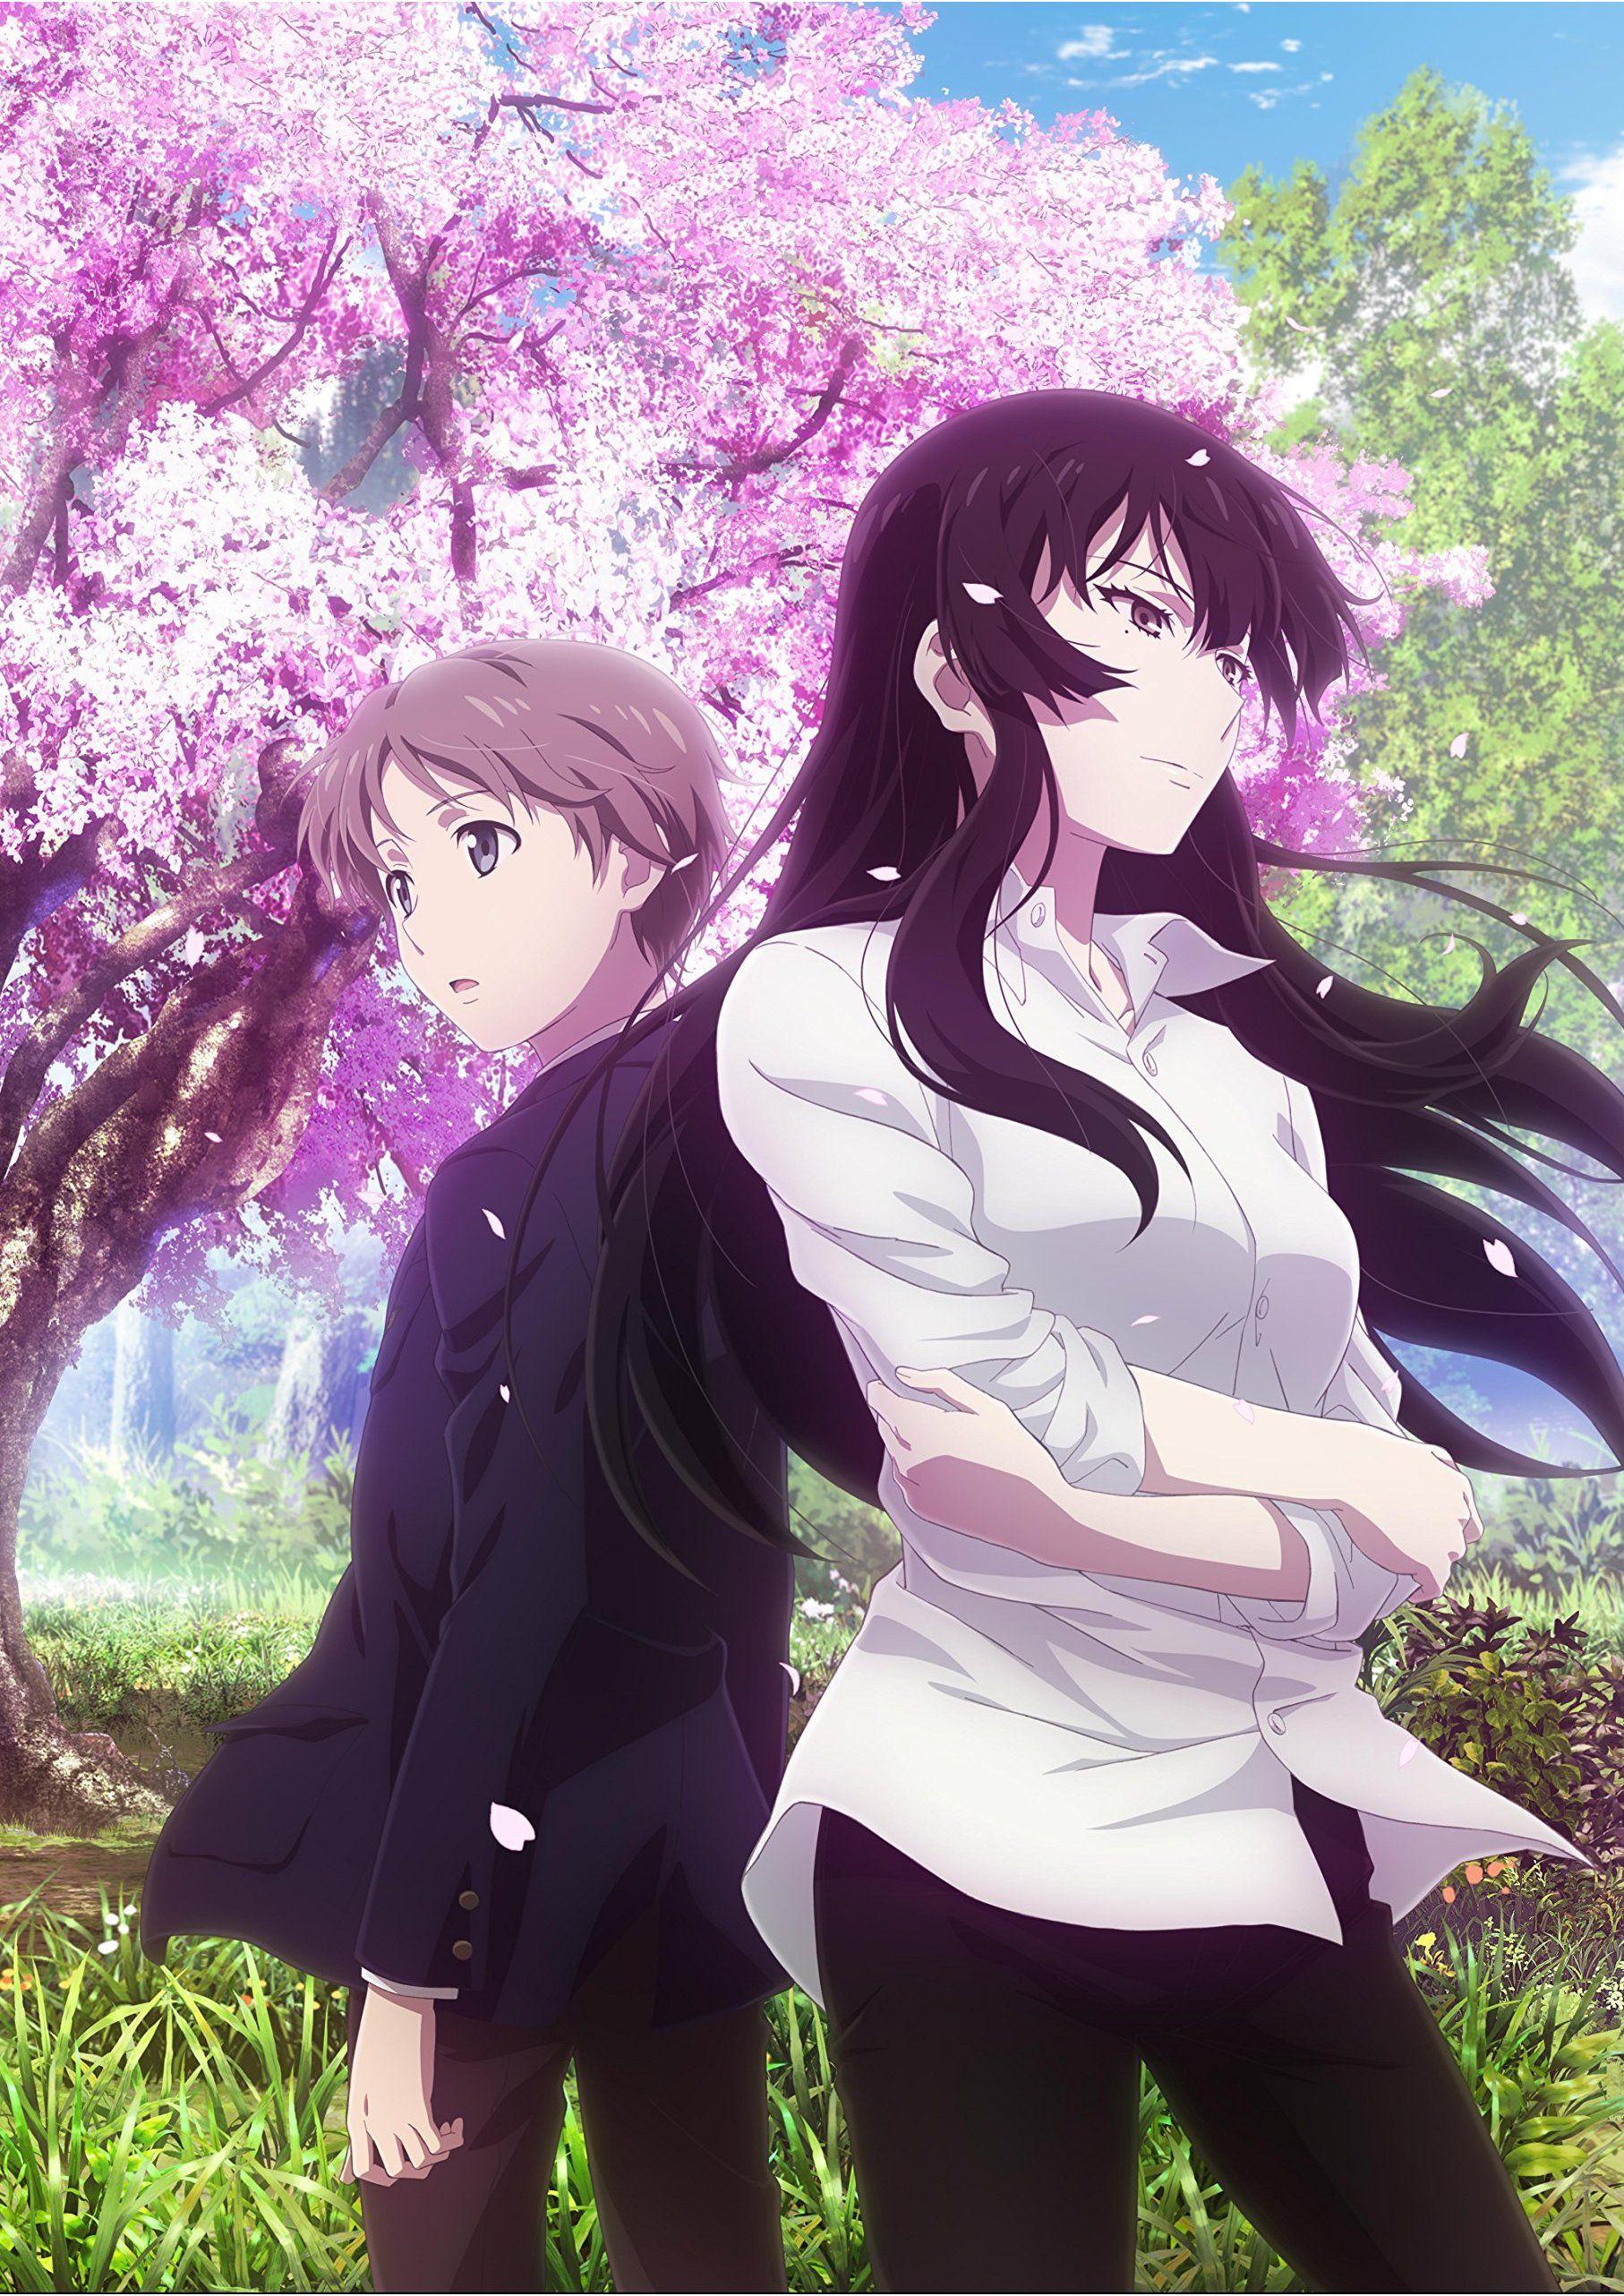 Sakurako-san no Ashimoto ni wa Shitai ga Umatteiru (TV